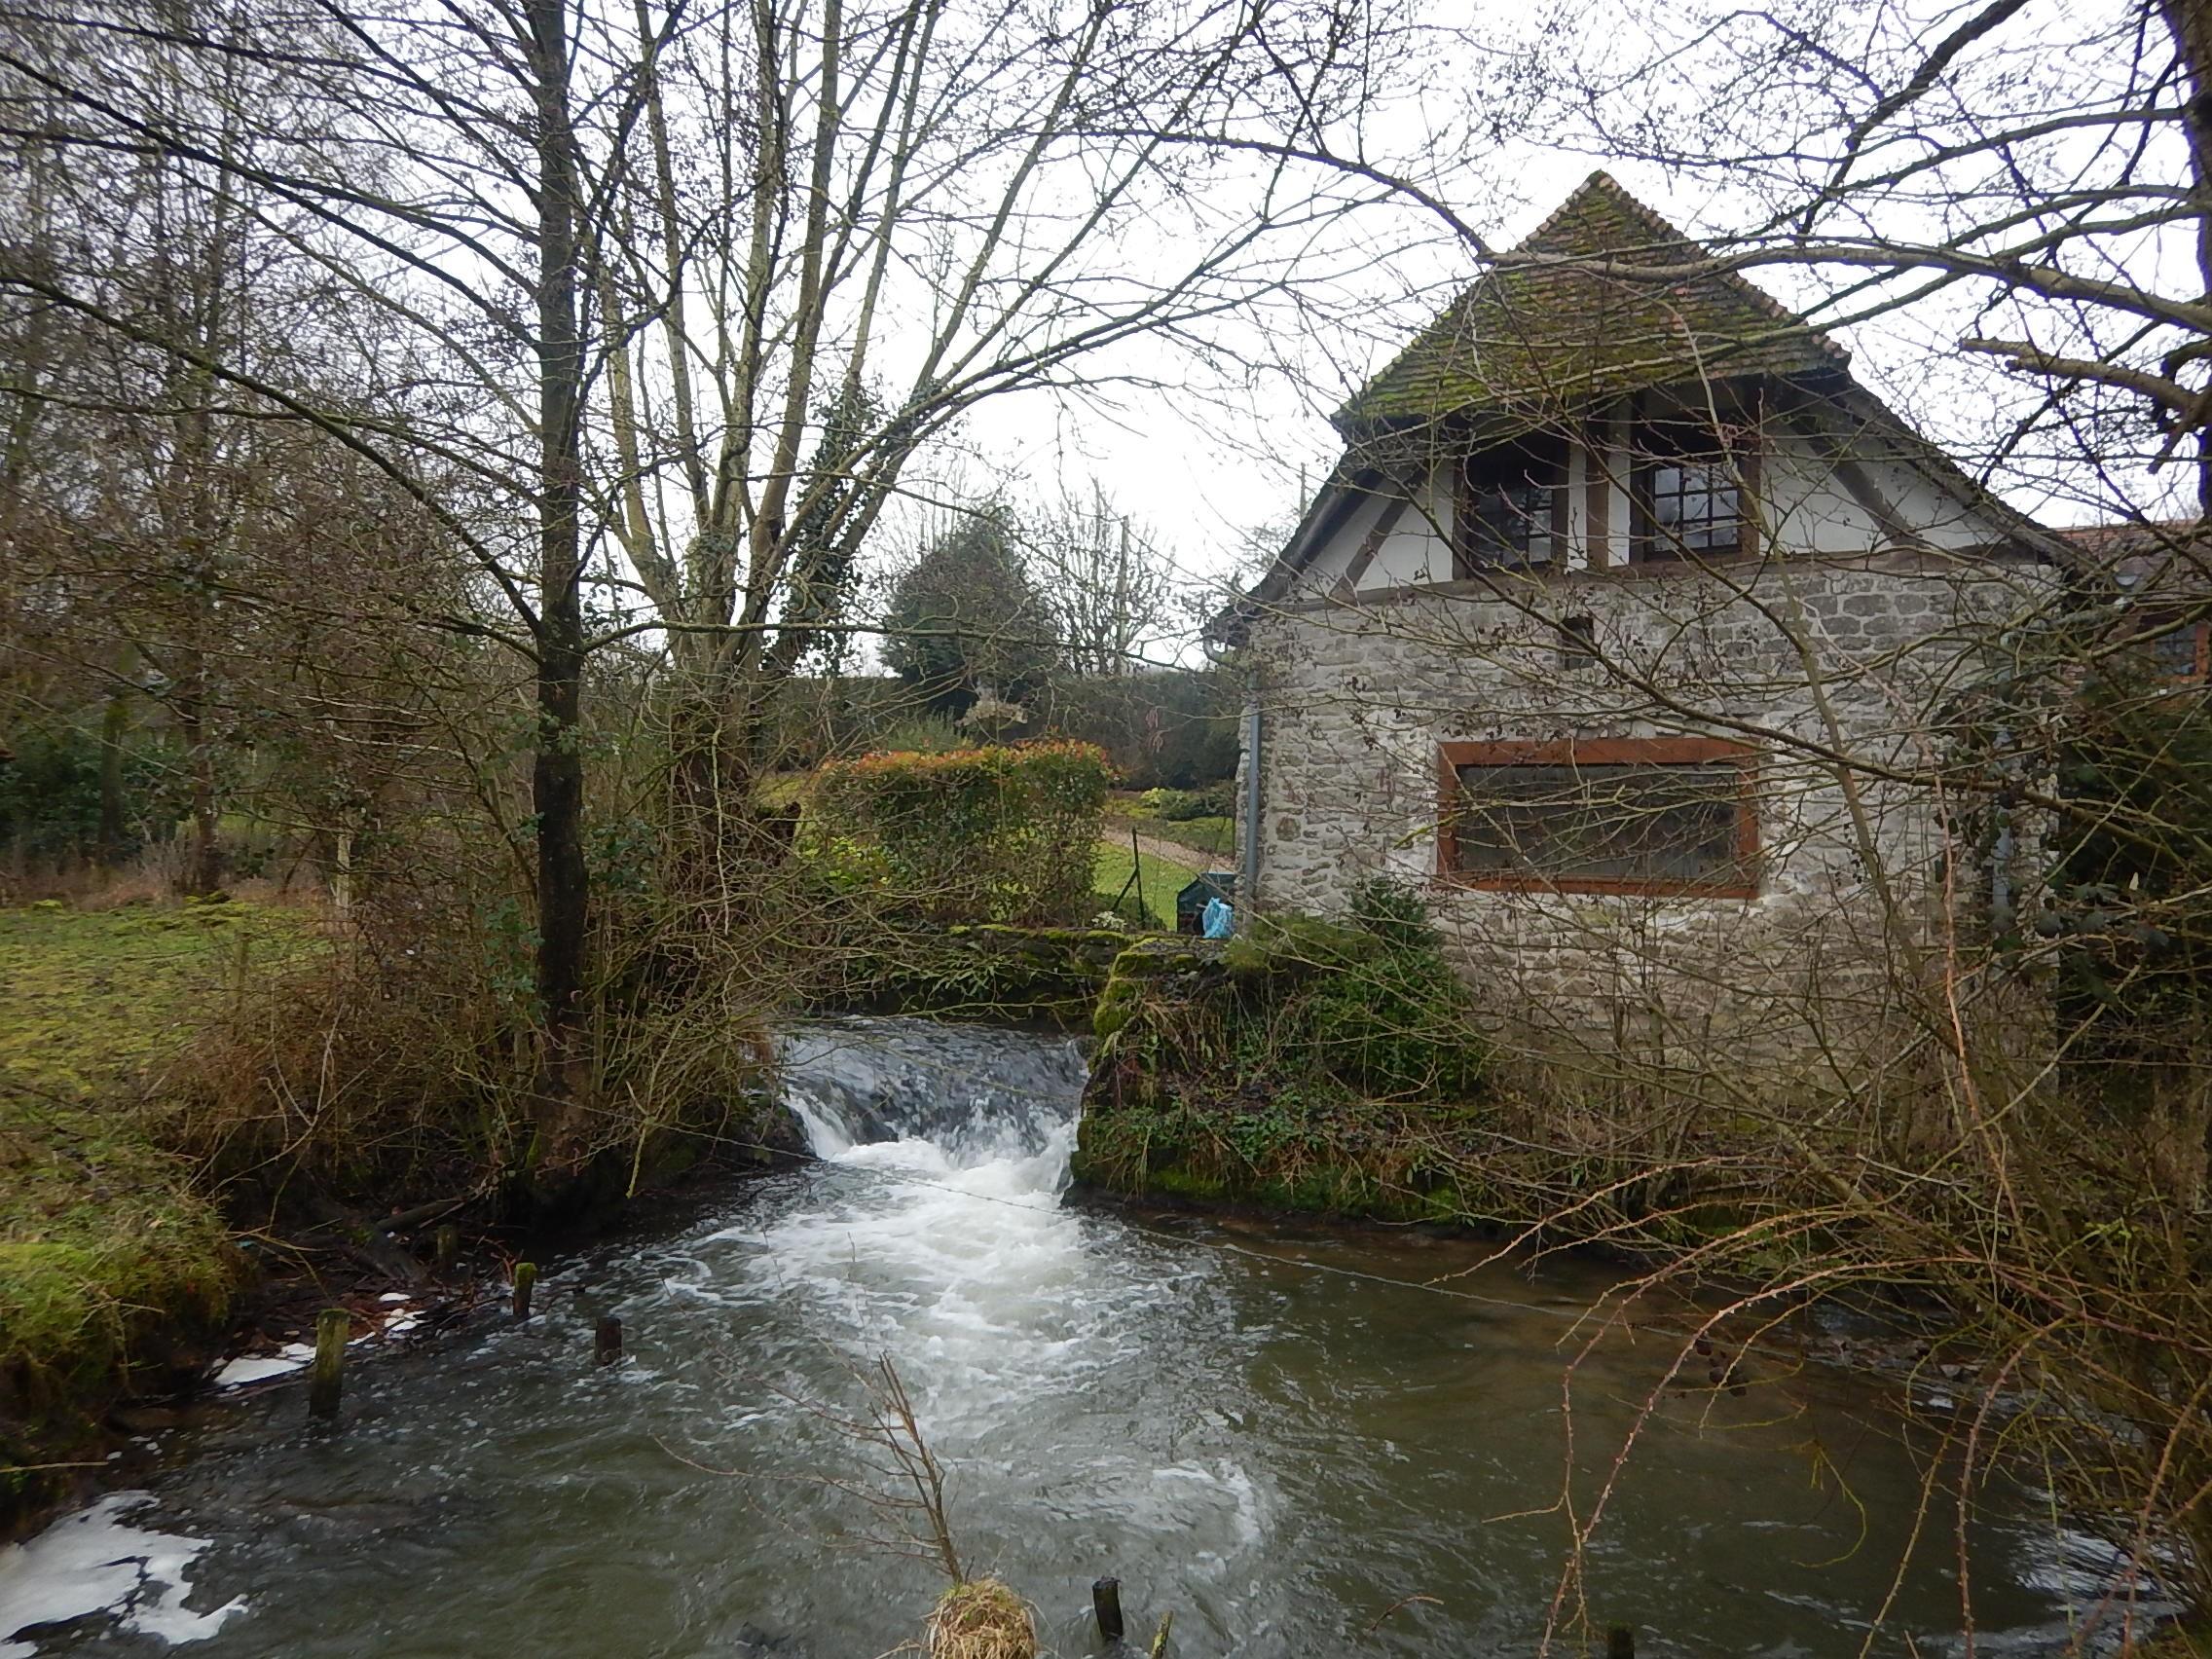 Le moulin Jacquet et l'anse d'érosion en aval de la chute